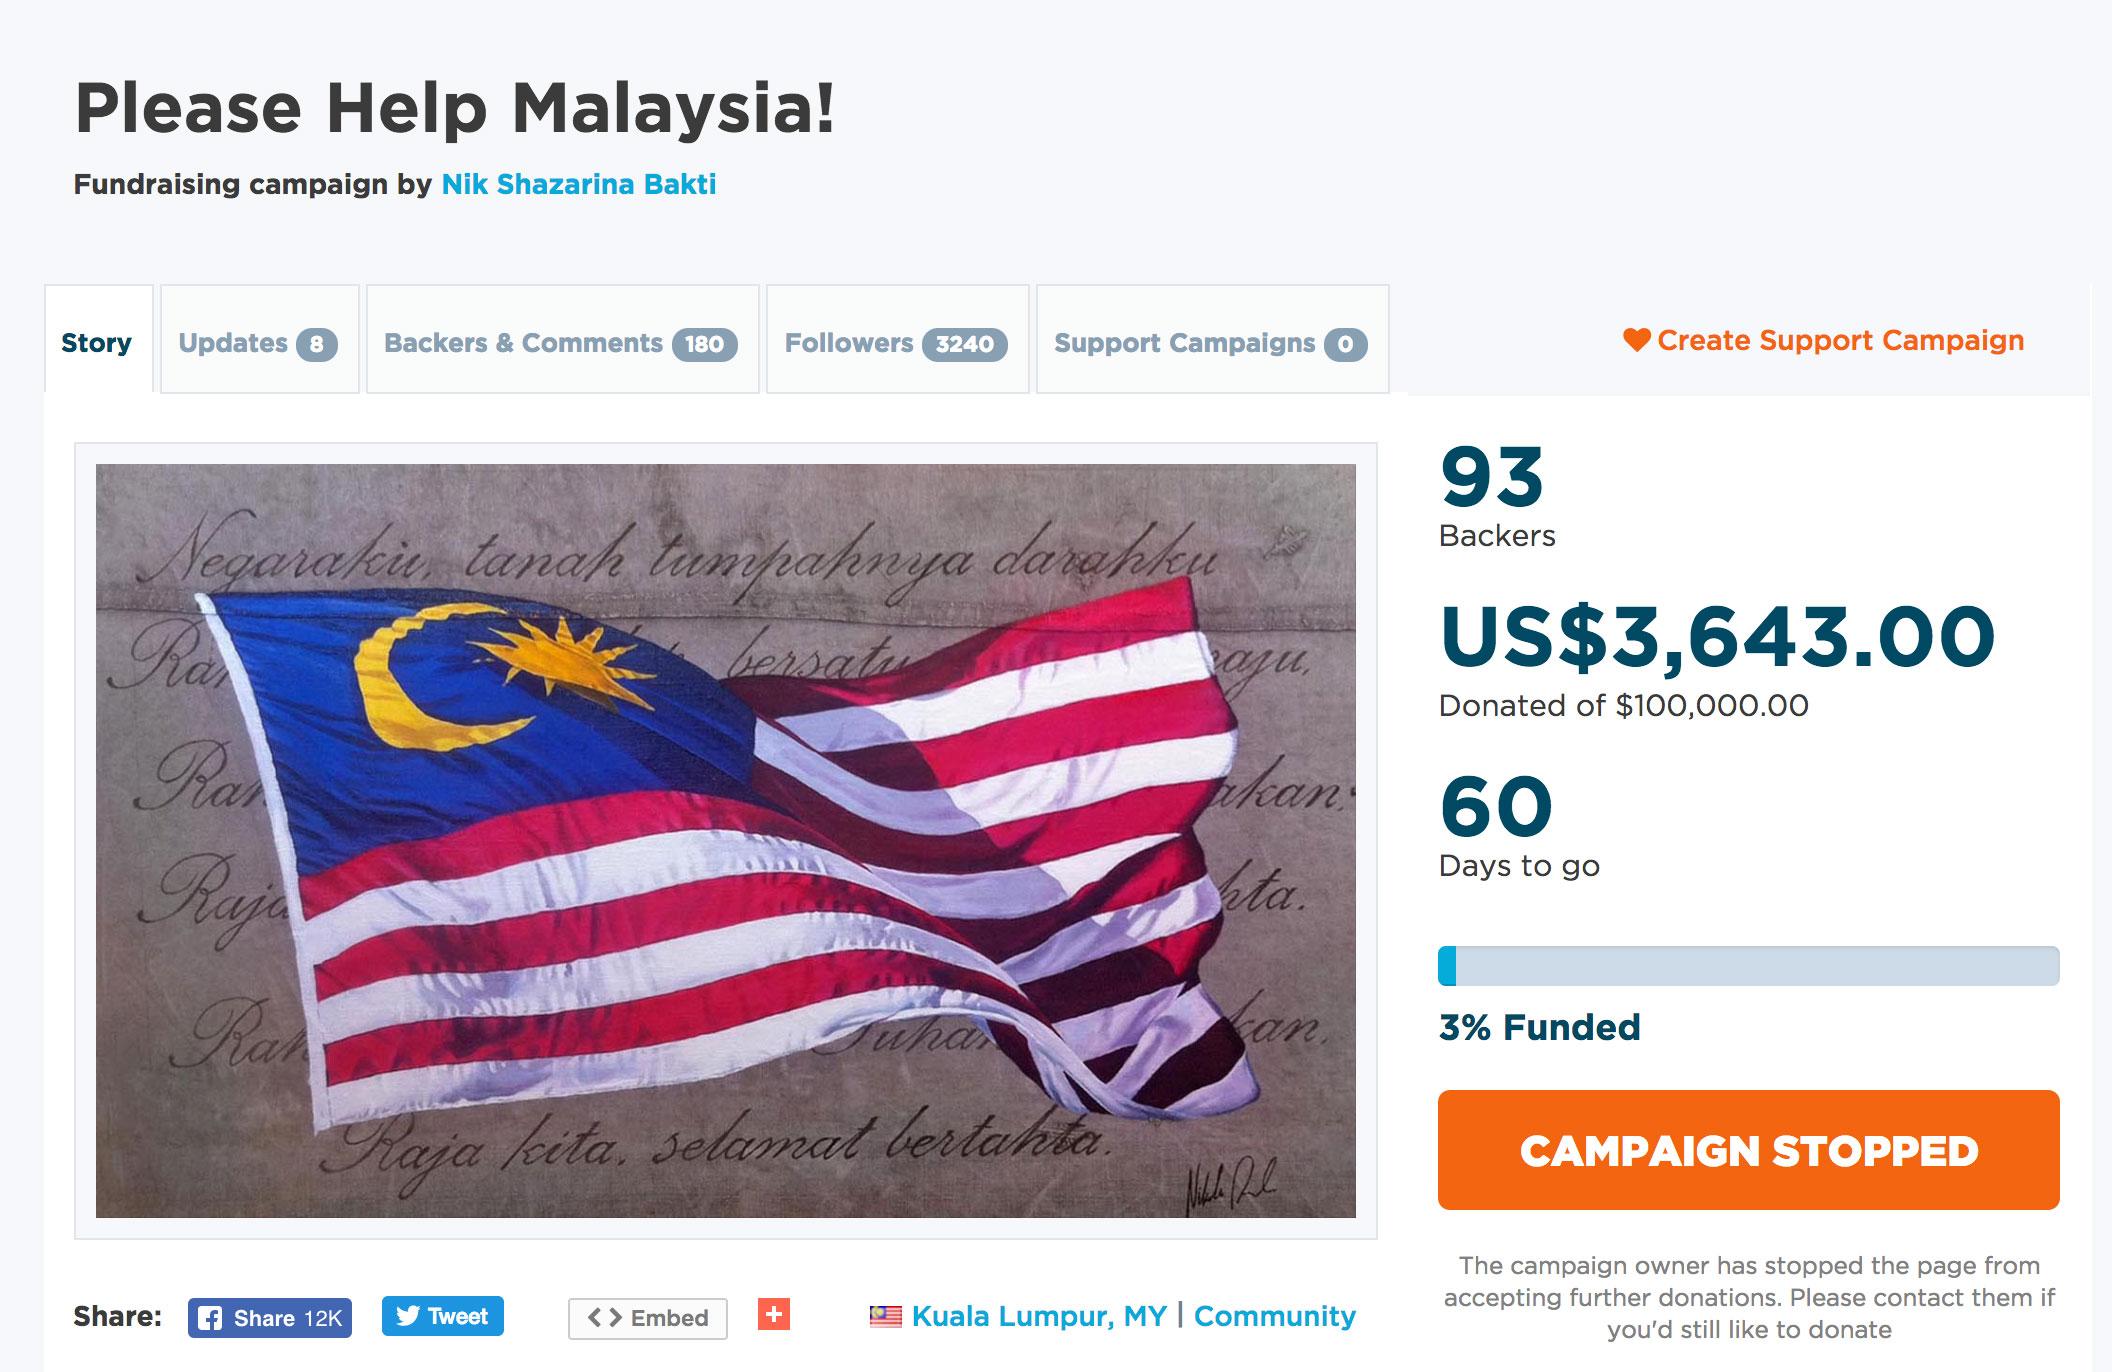 А так можно было? Жители Малайзии скинулись и за день собрали 3 млн долларов на оплату госдолга долларов, составляет, более, собрала, последние, сутки, кампанию, собрать, государственный, миллиона, средства, власти, госдолг, миллиардов, Малайзии, внимание, «Фонд, активно, начали, малайзийцы